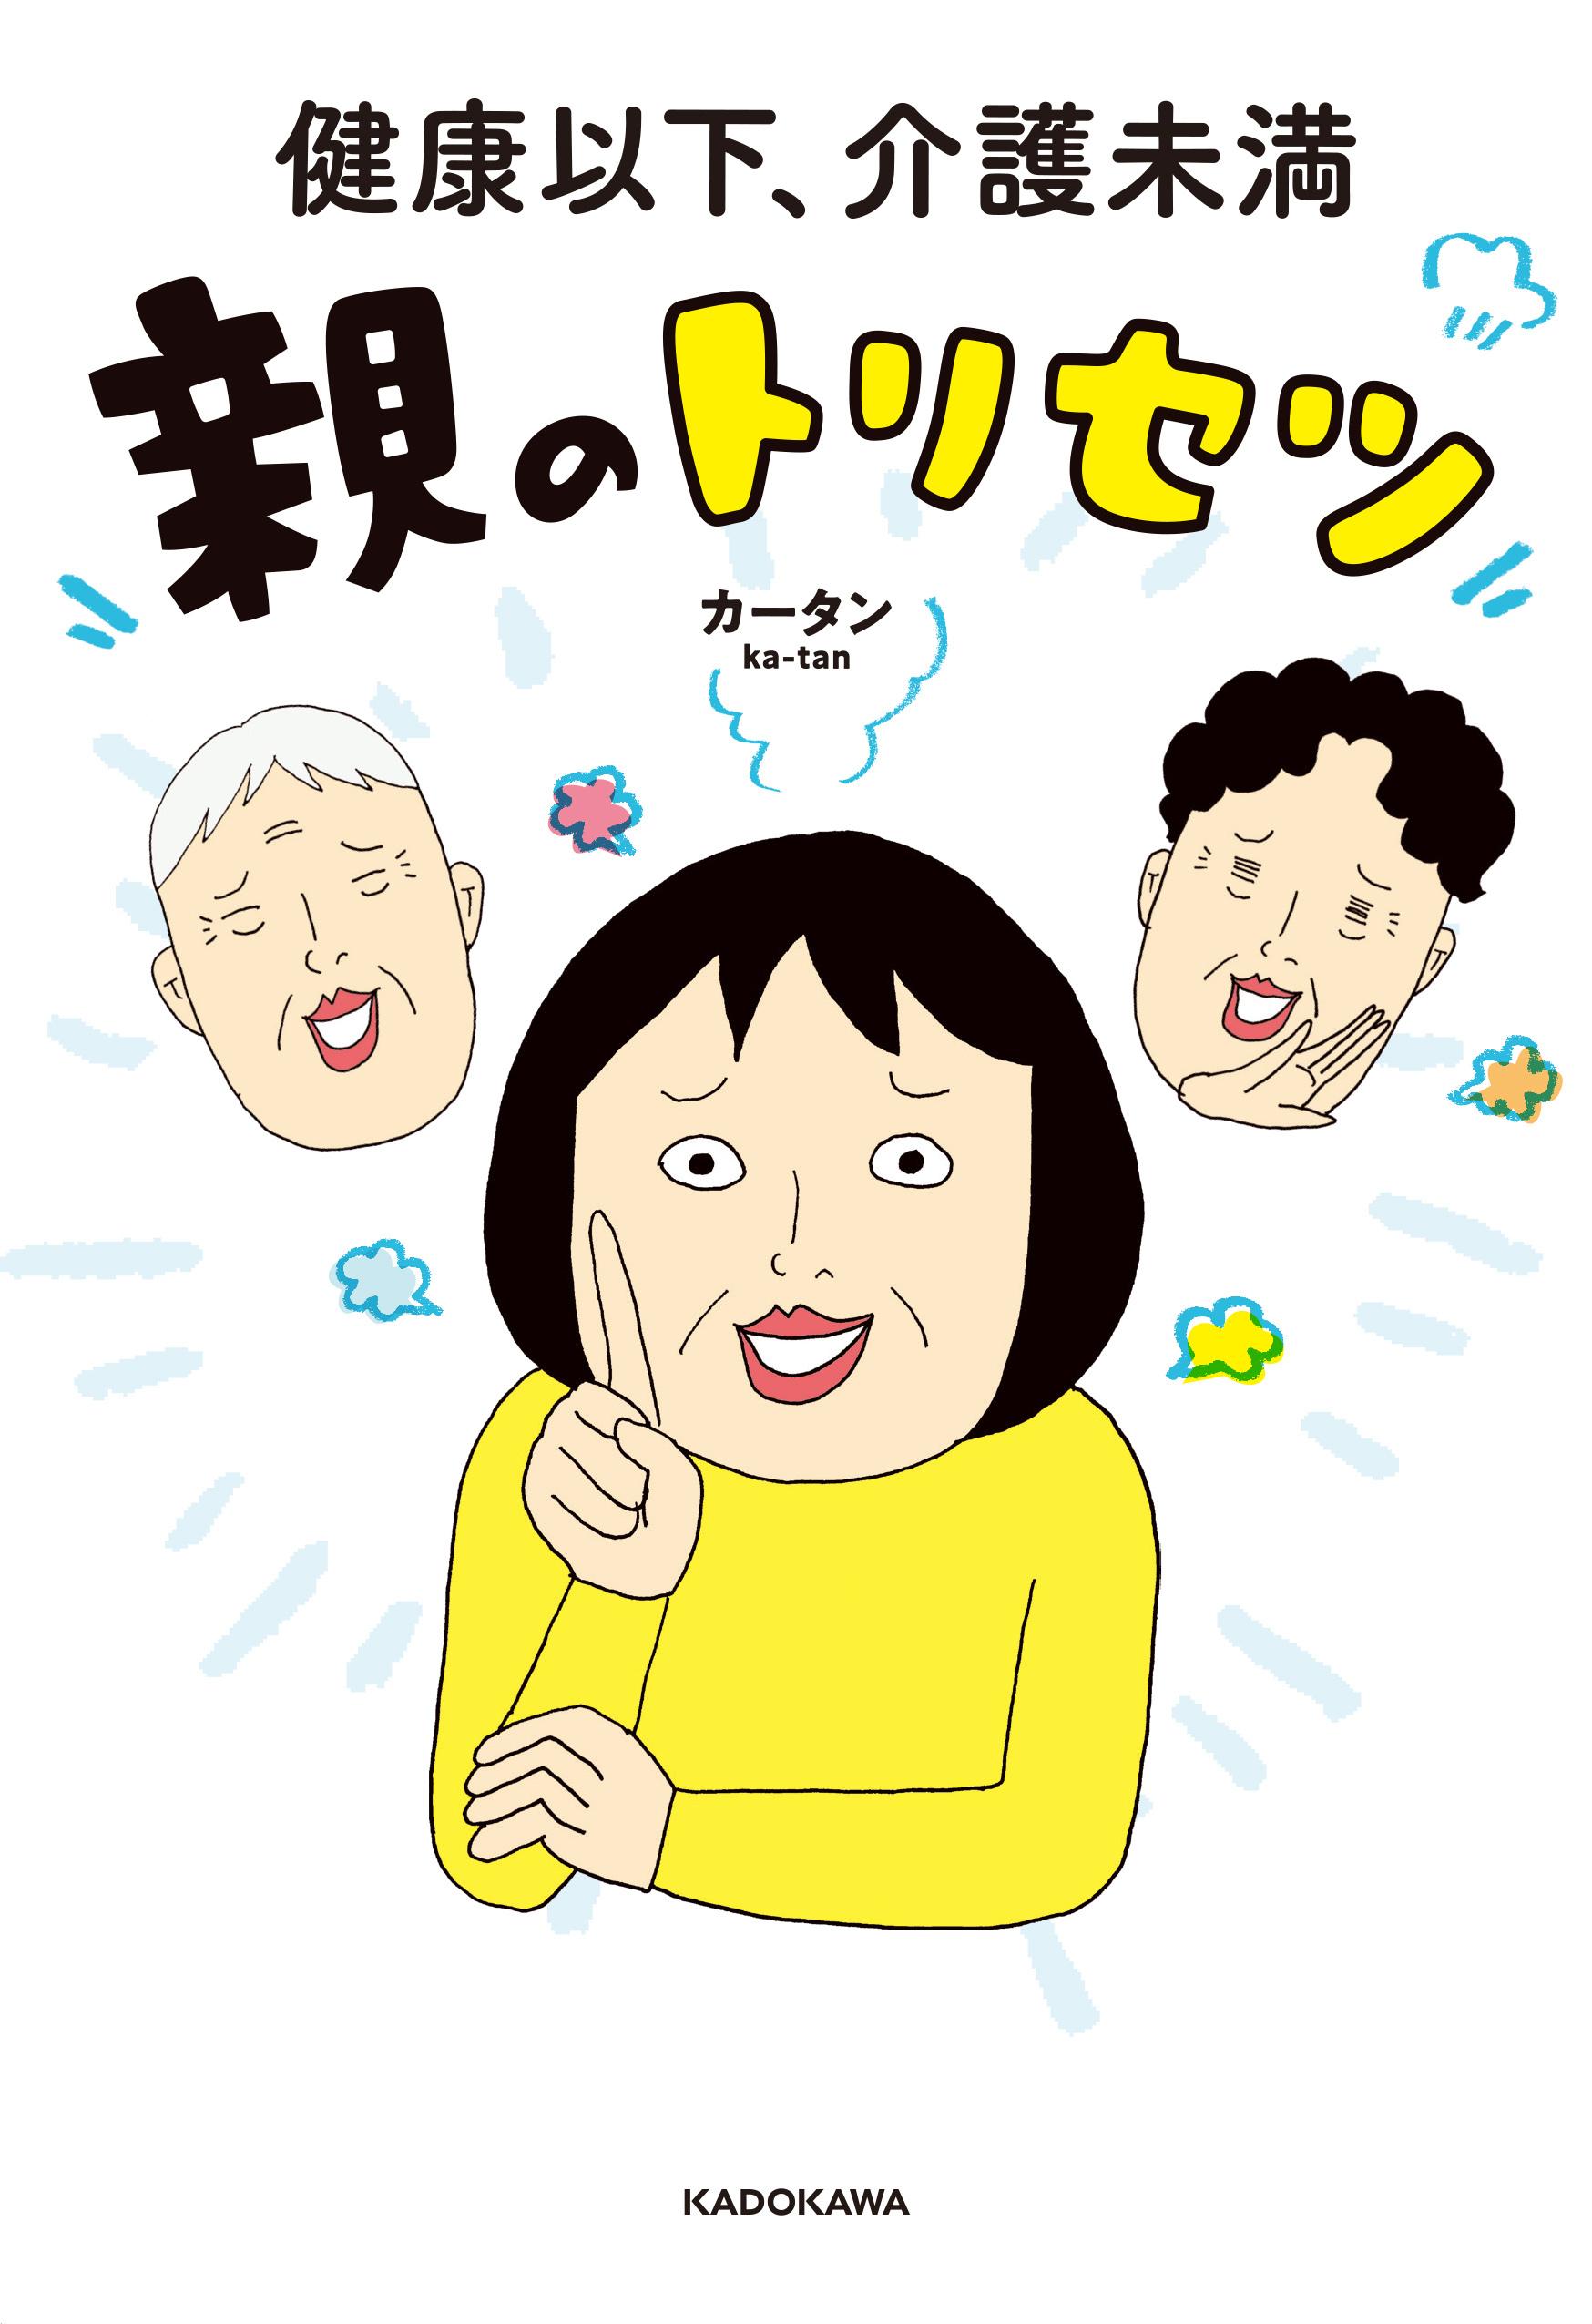 【カータン】自宅から生配信!新刊「健康以下、介護未満 親のトリセツ」出版記念トークショー